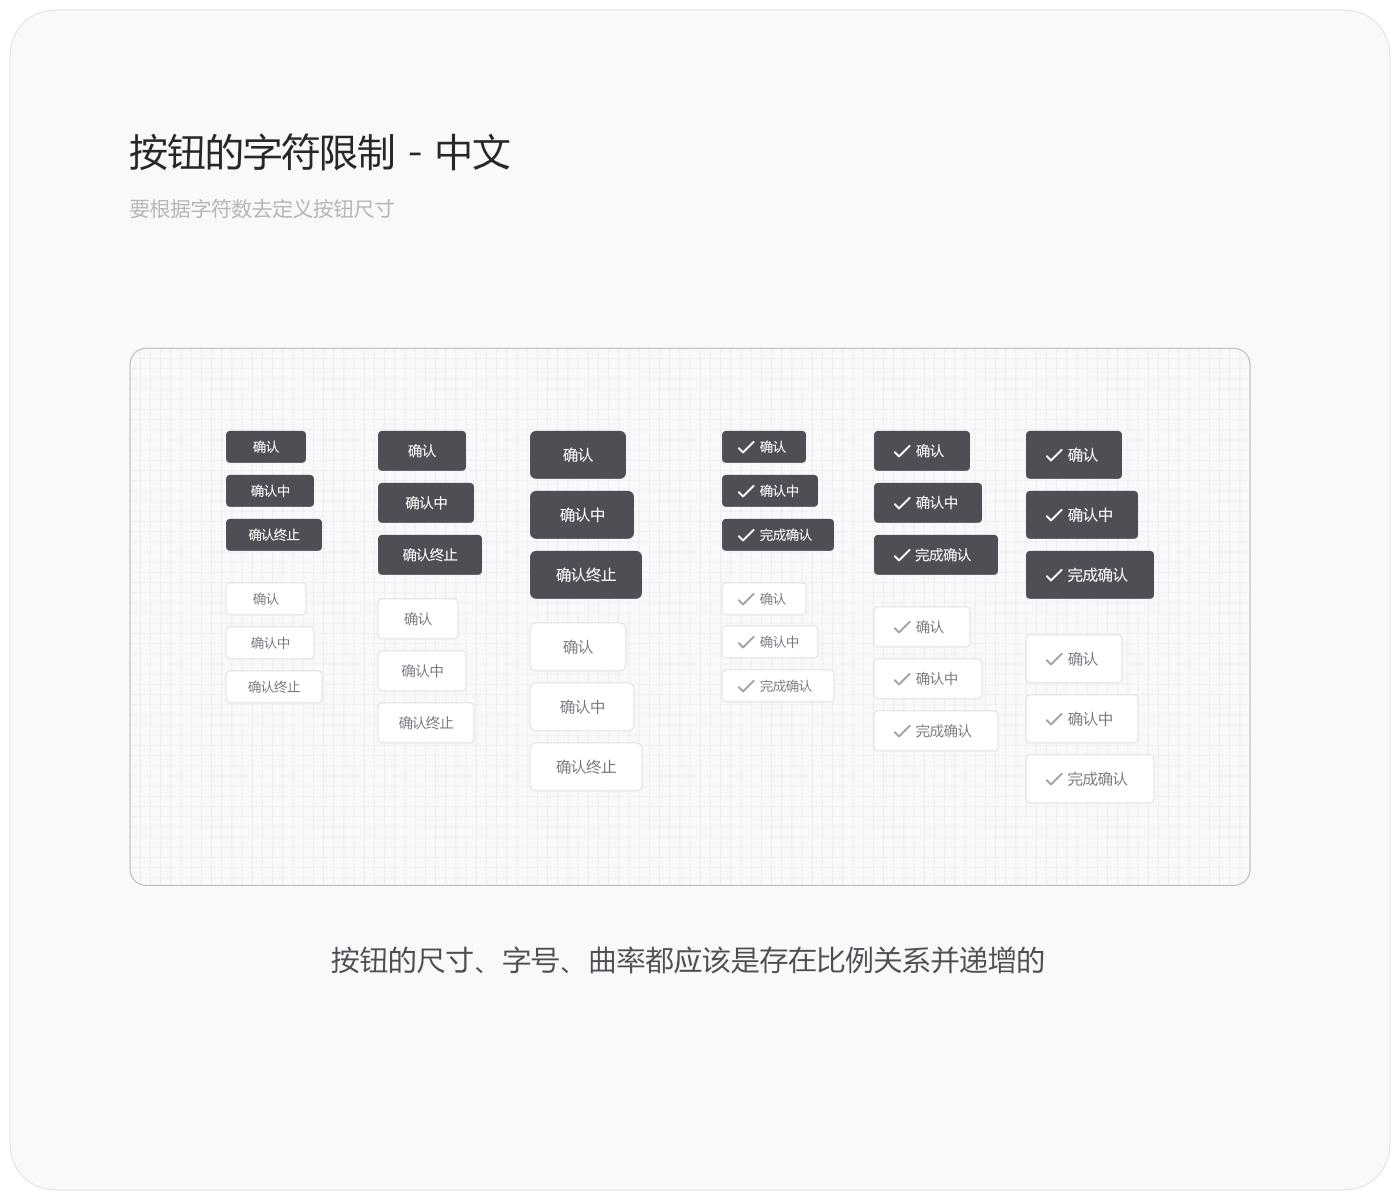 UI细节的设计语言-按钮